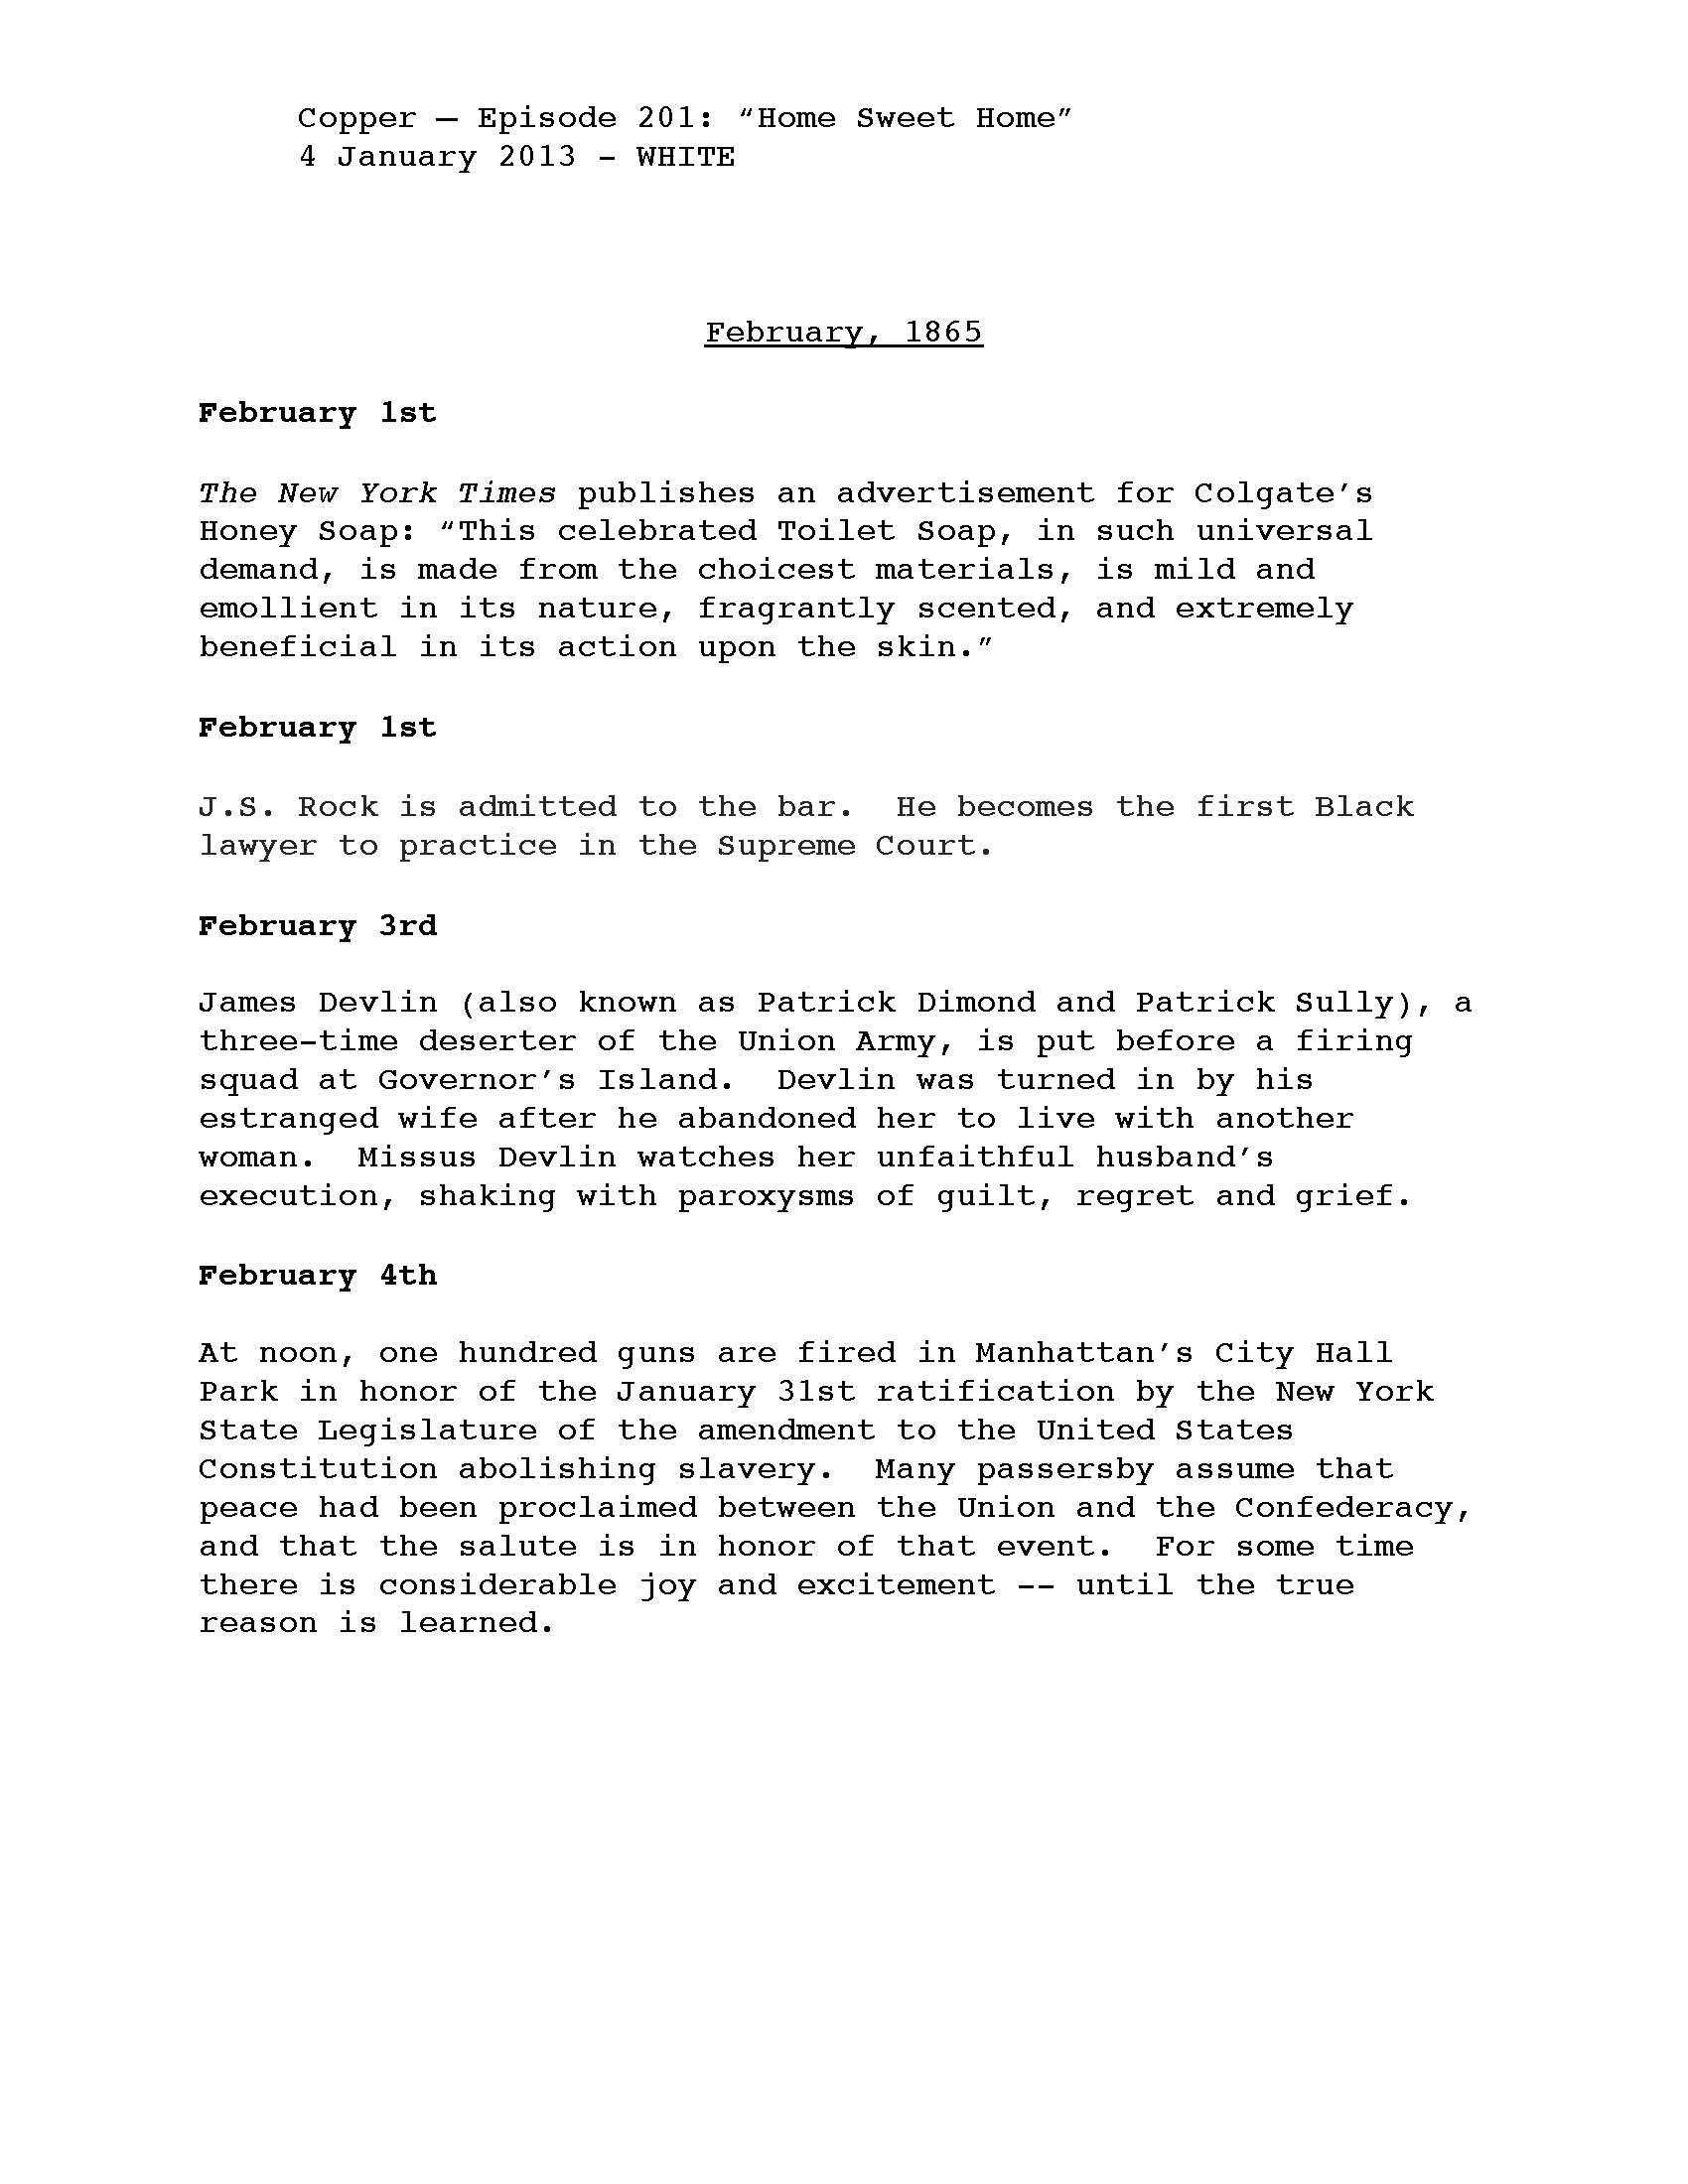 Copper - Episode 201 - WHITE - 01-04-13-1_Page_04